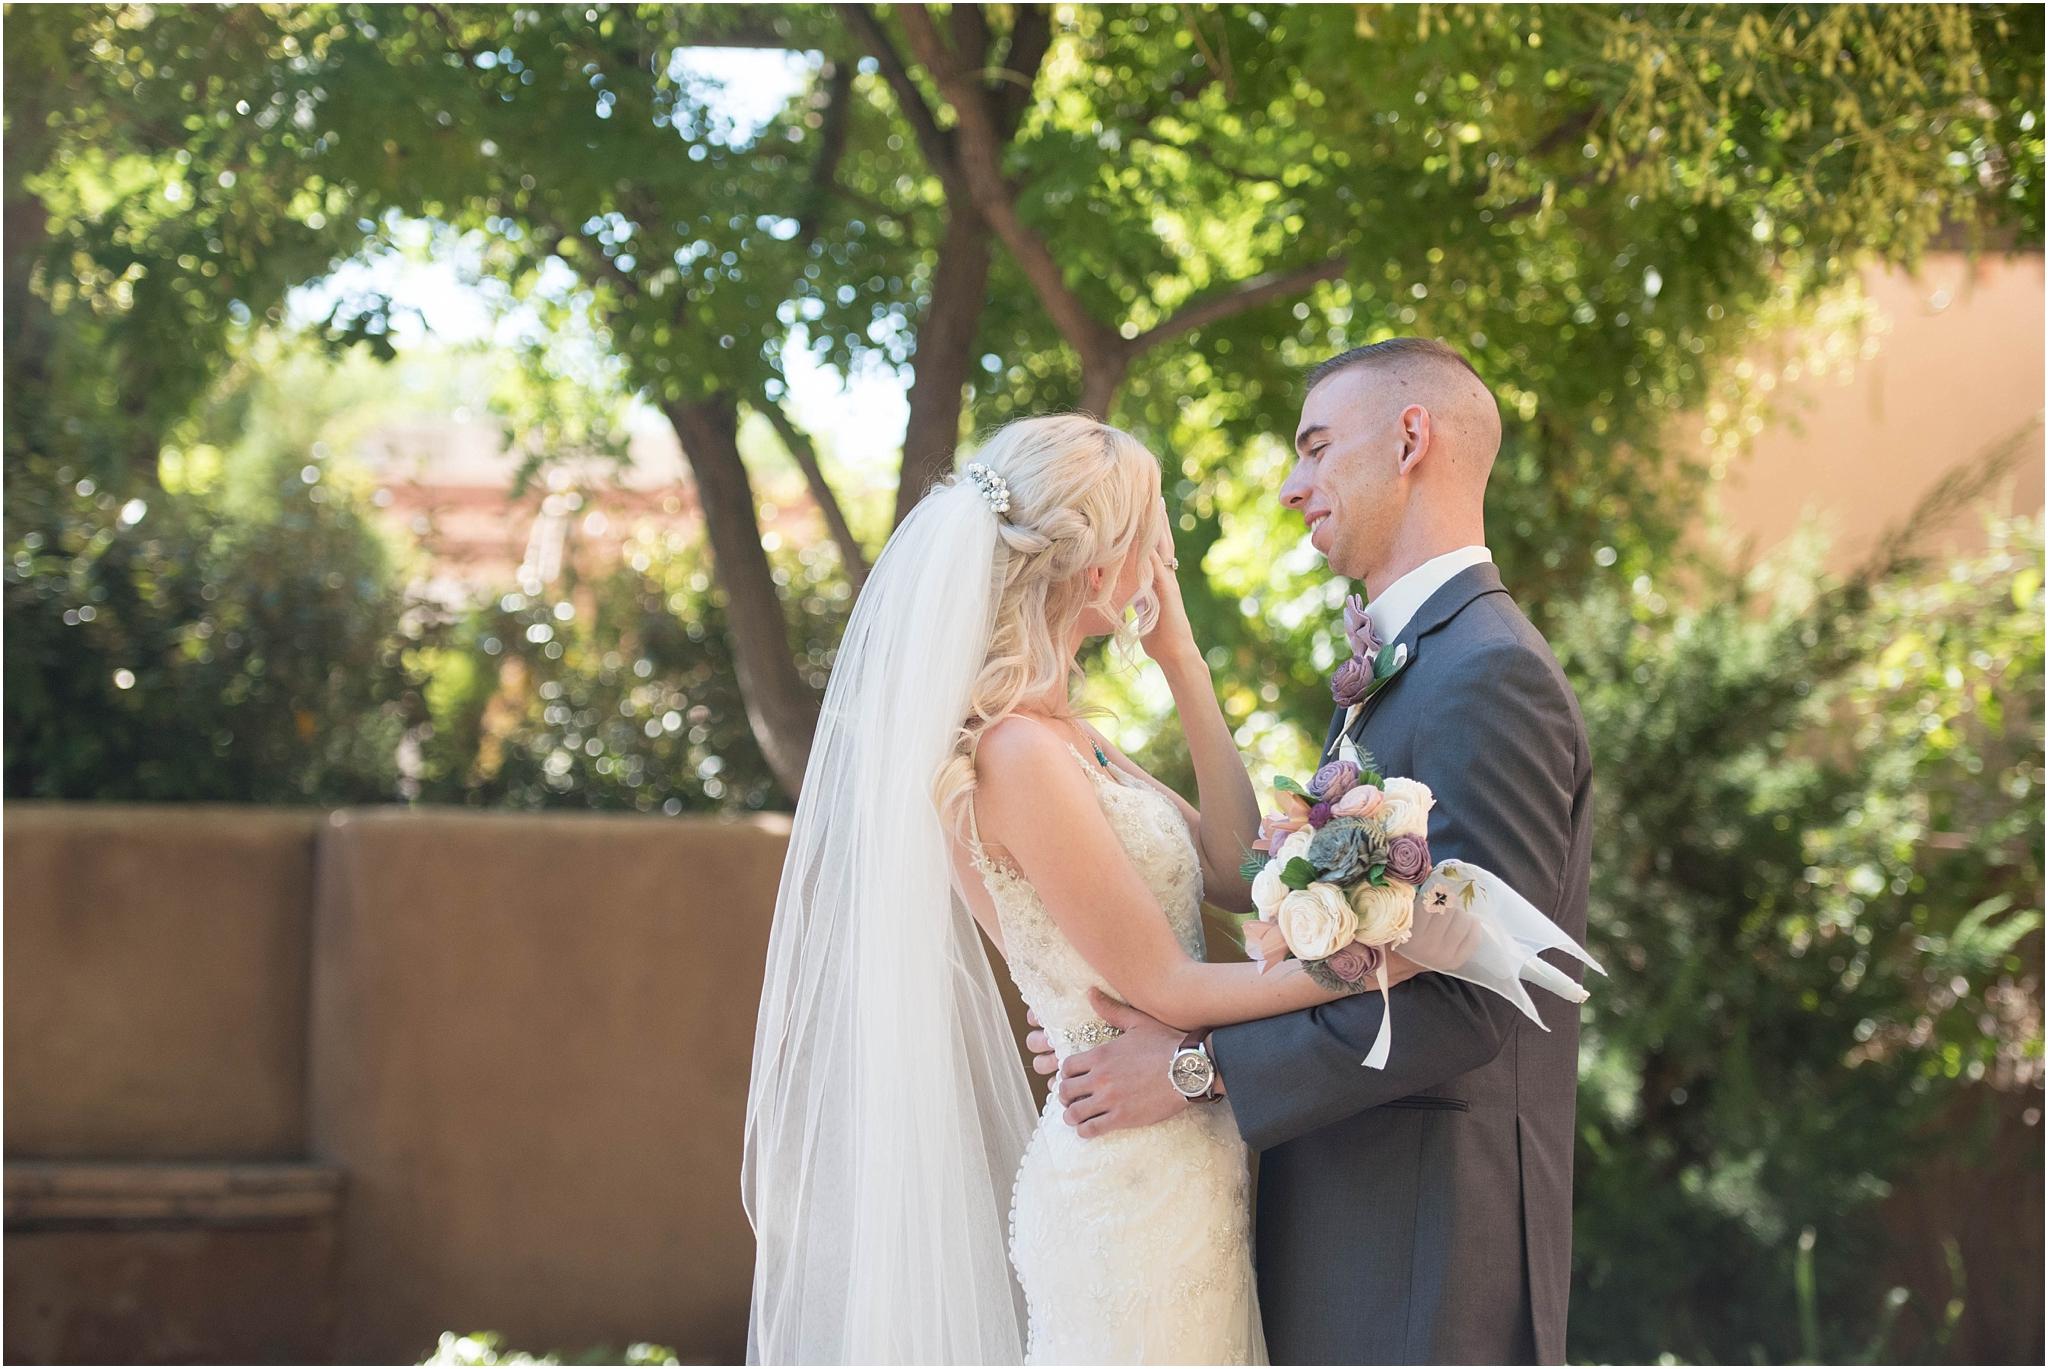 kayla kitts photography - new mexico wedding photographer - albuquerque botanic gardens - hotel albuquerque_0143.jpg